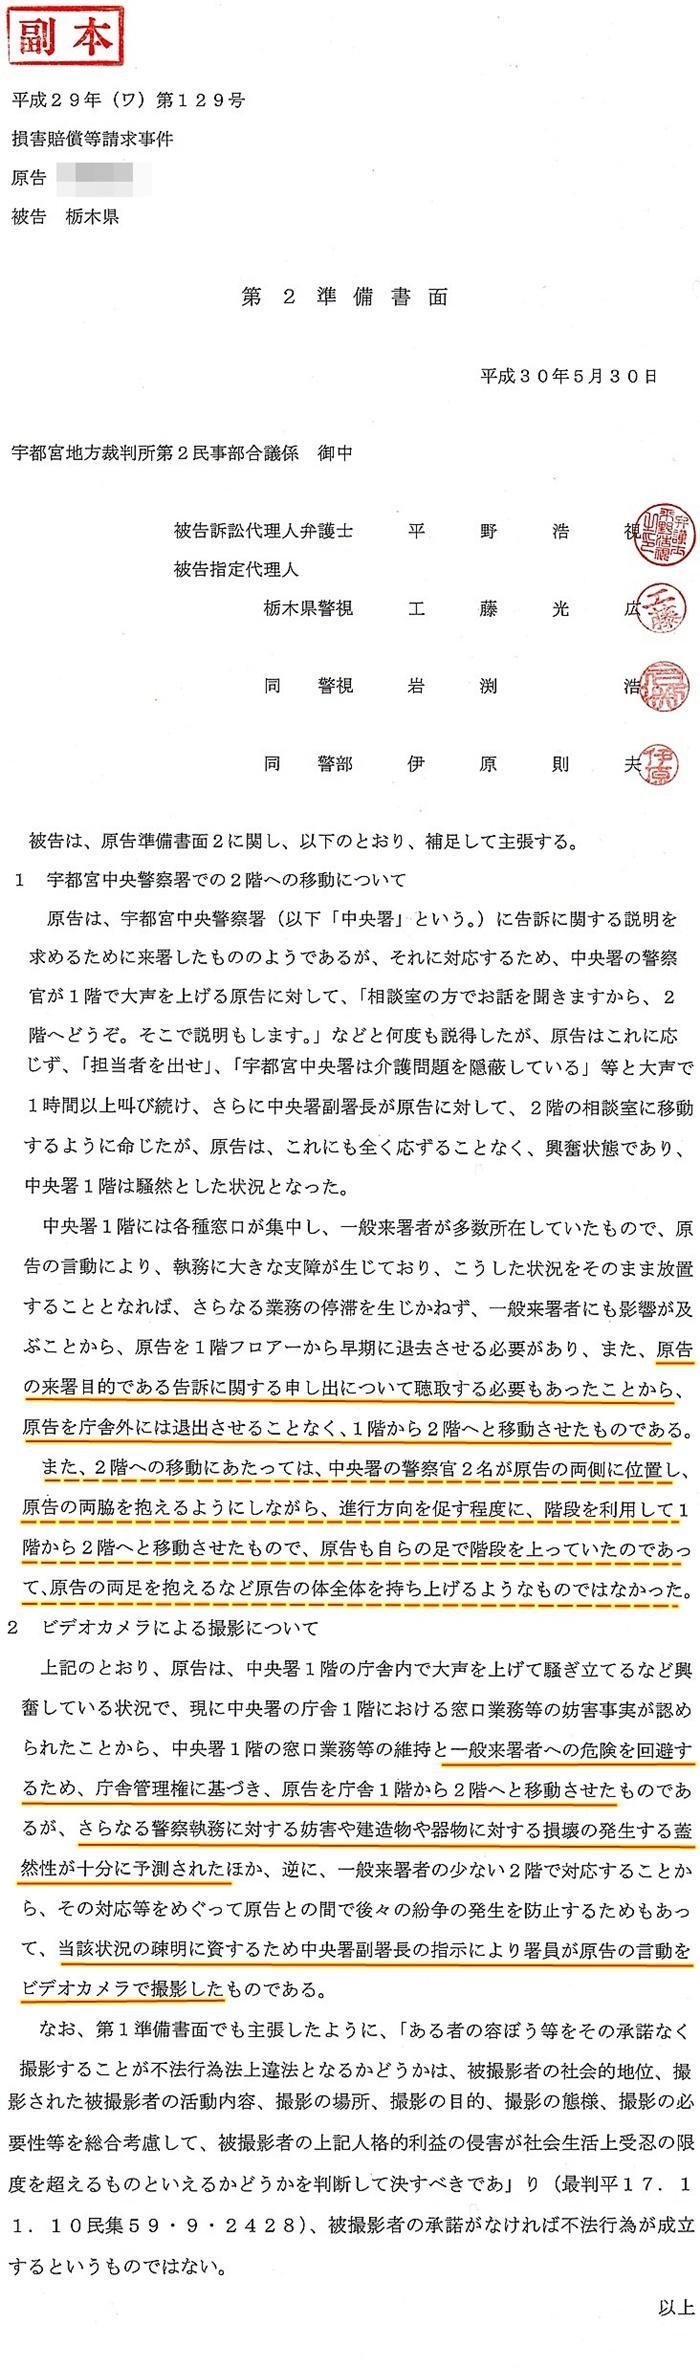 準備書面2  平野浩視弁護士  福田富一知事栃木県警